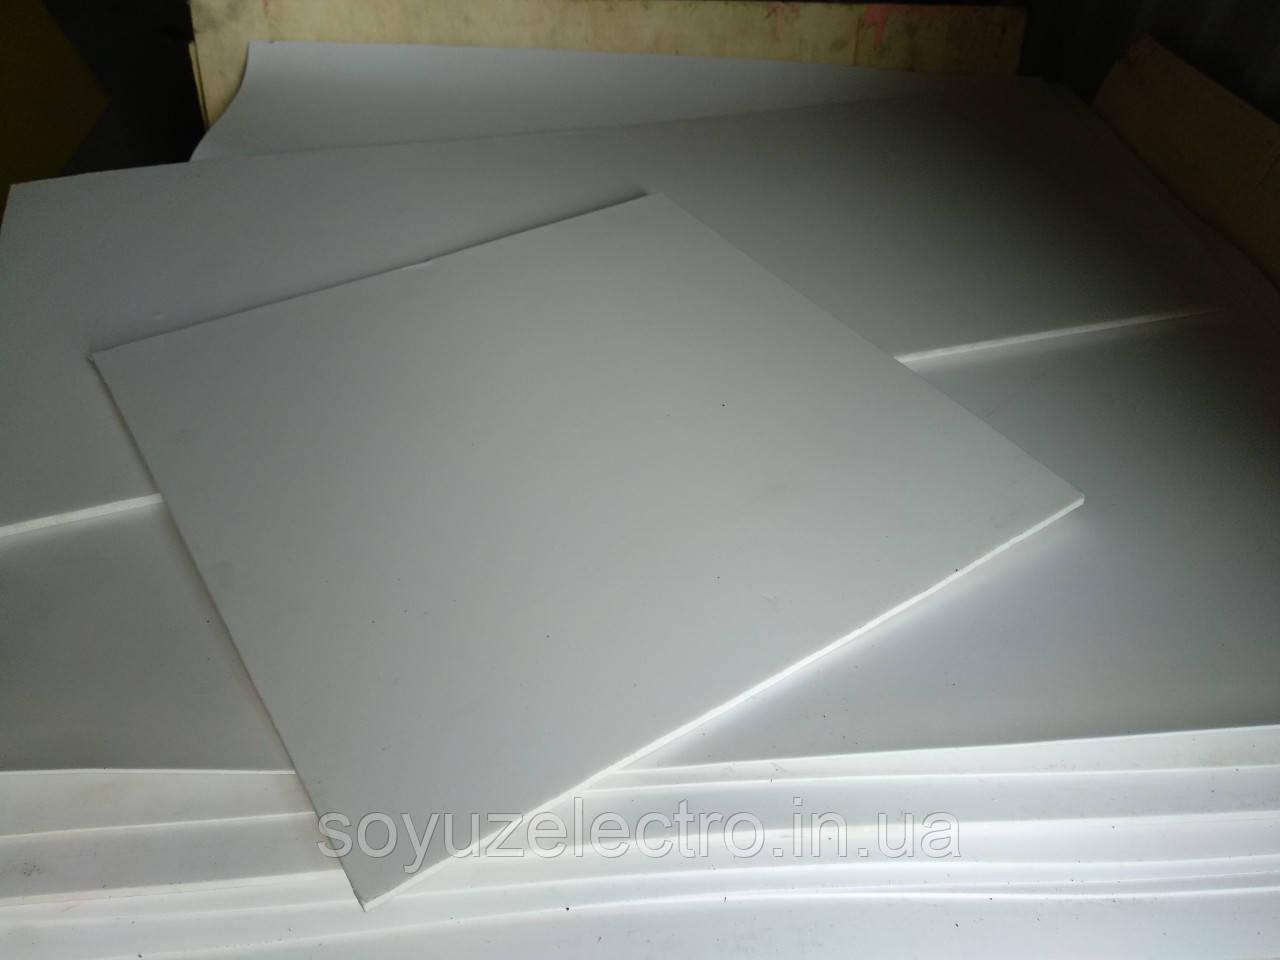 Фторопласт лист Ф4 15 мм 1000х1000 мм